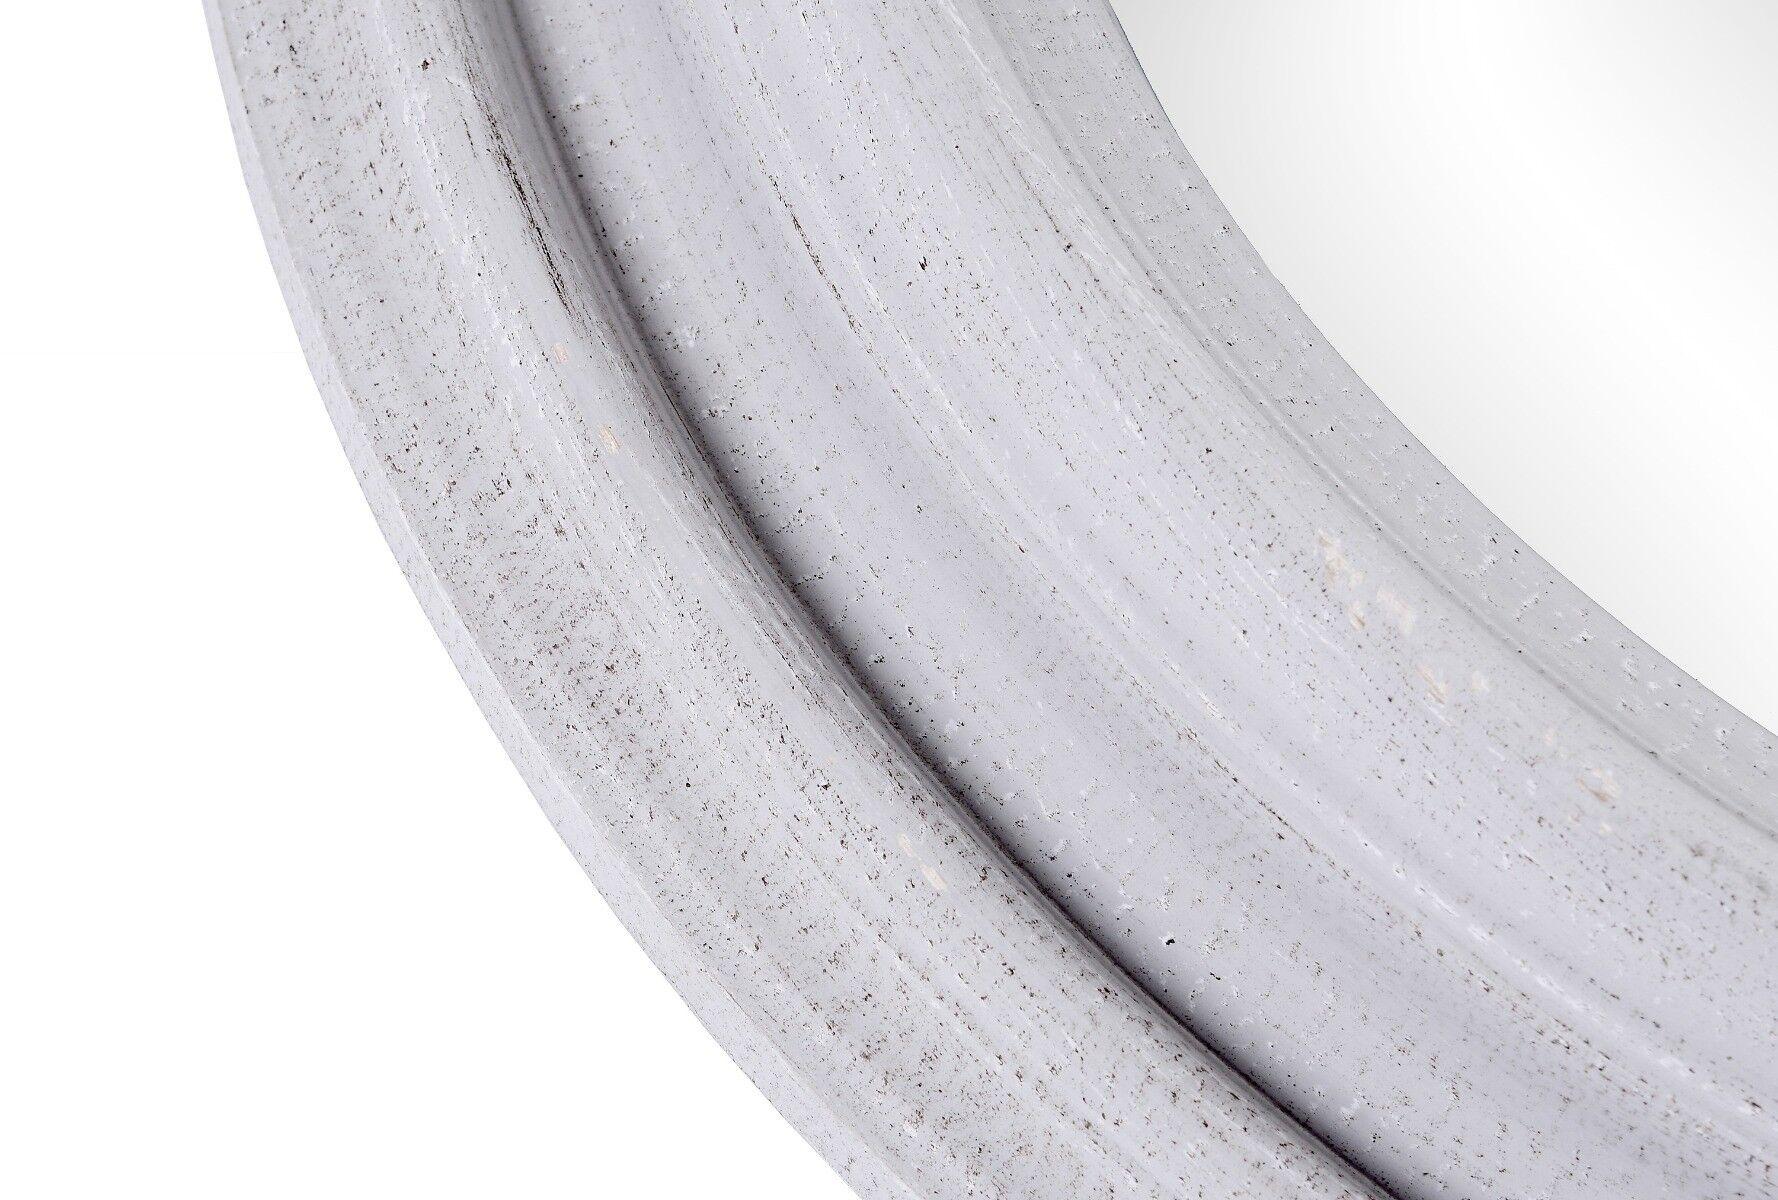 Lustro Doblado L 68x68cm